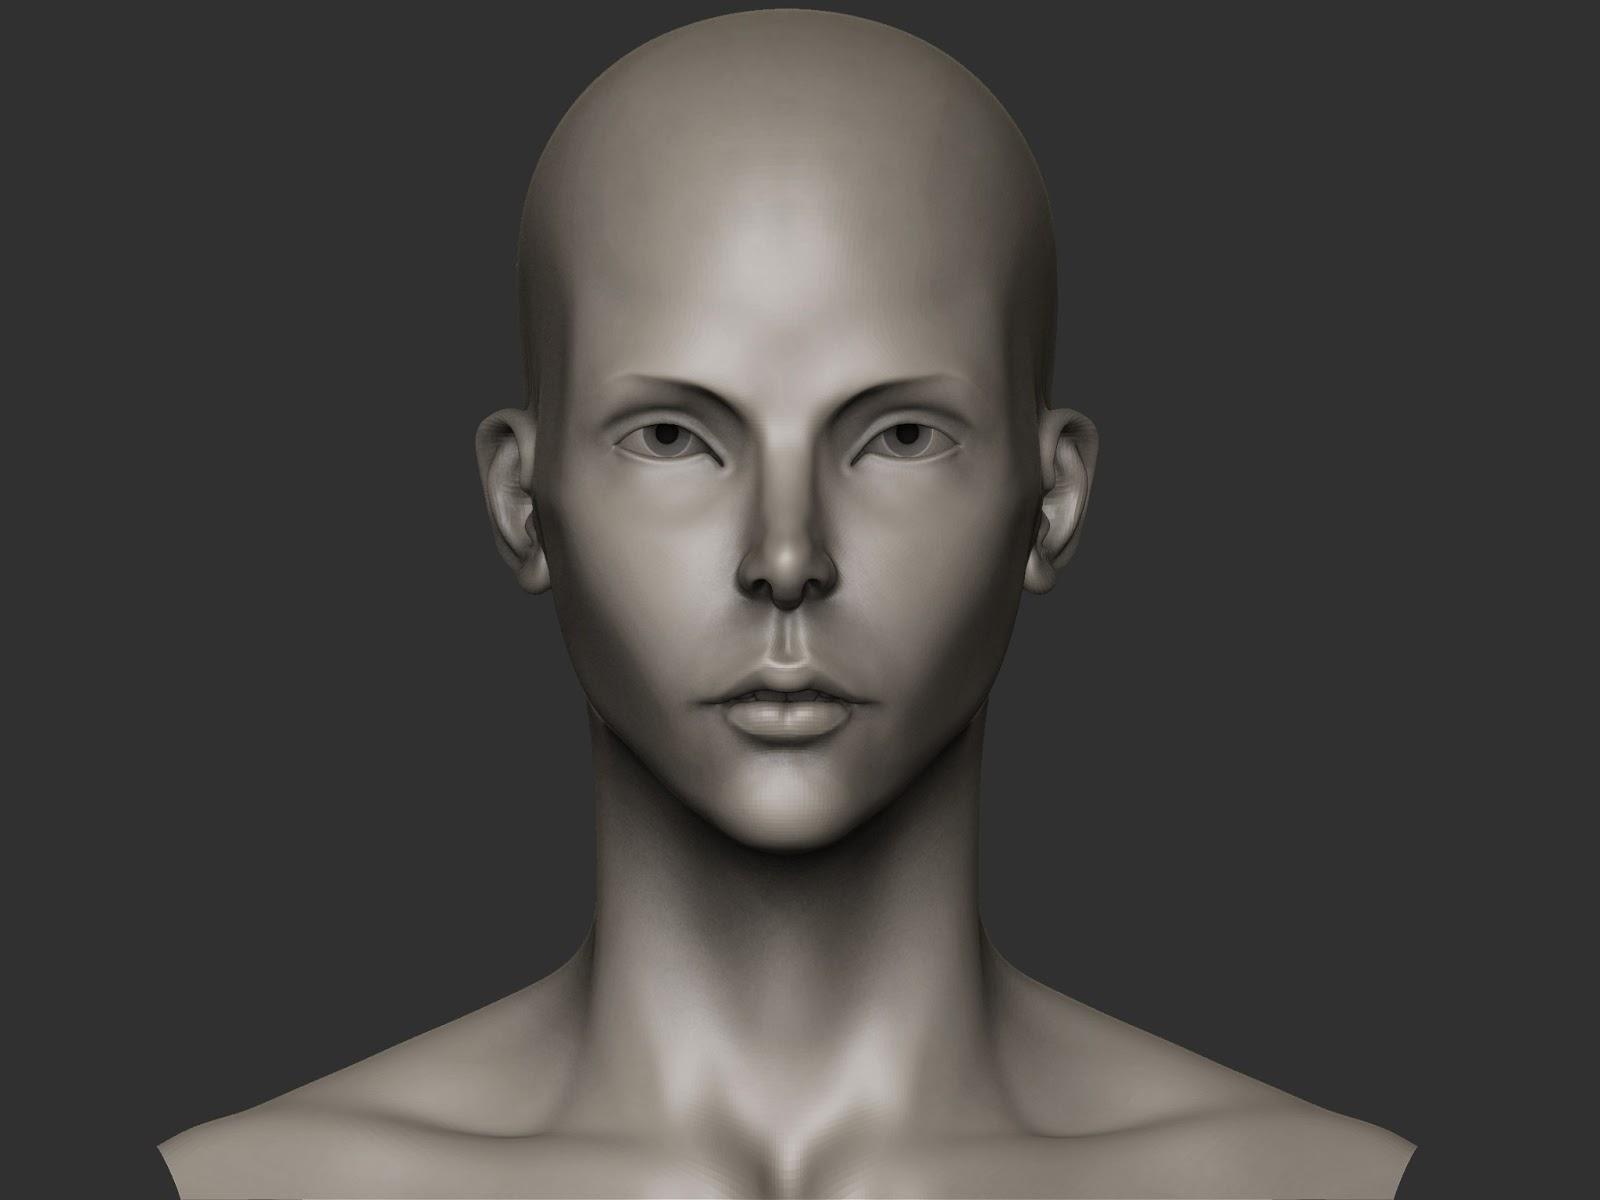 female+bust+3-21-13_redux.jpg